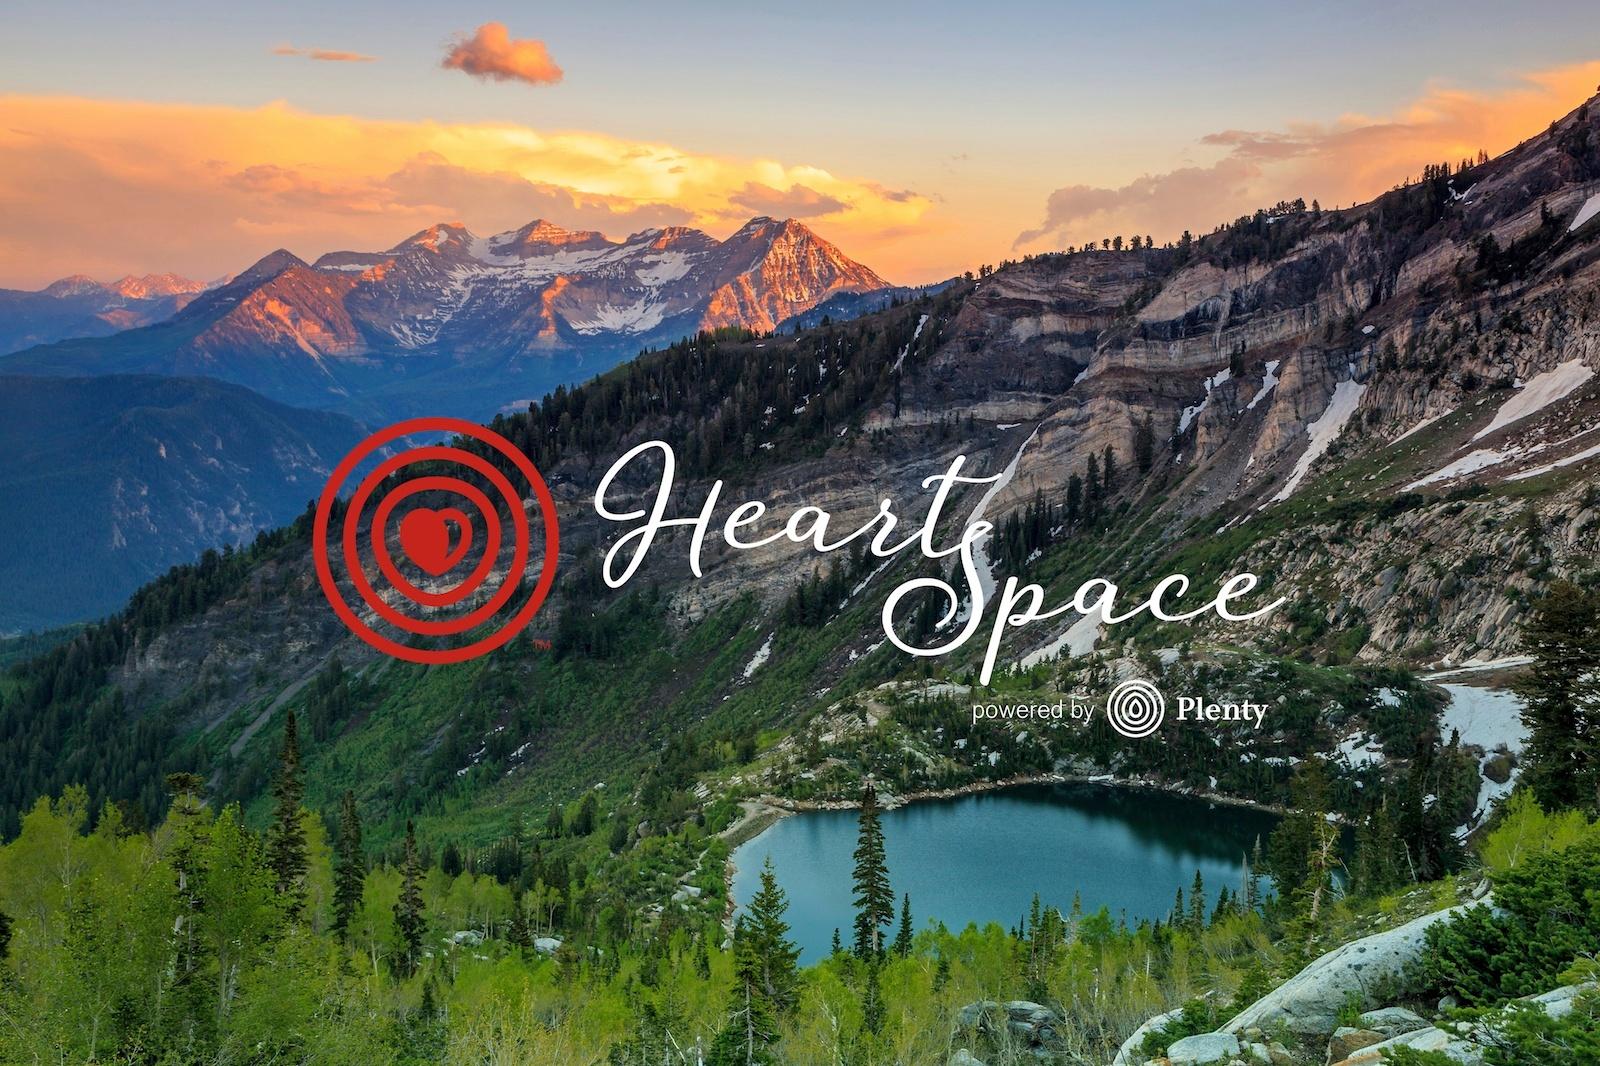 HeartSpaceBanner-LumeriaPage